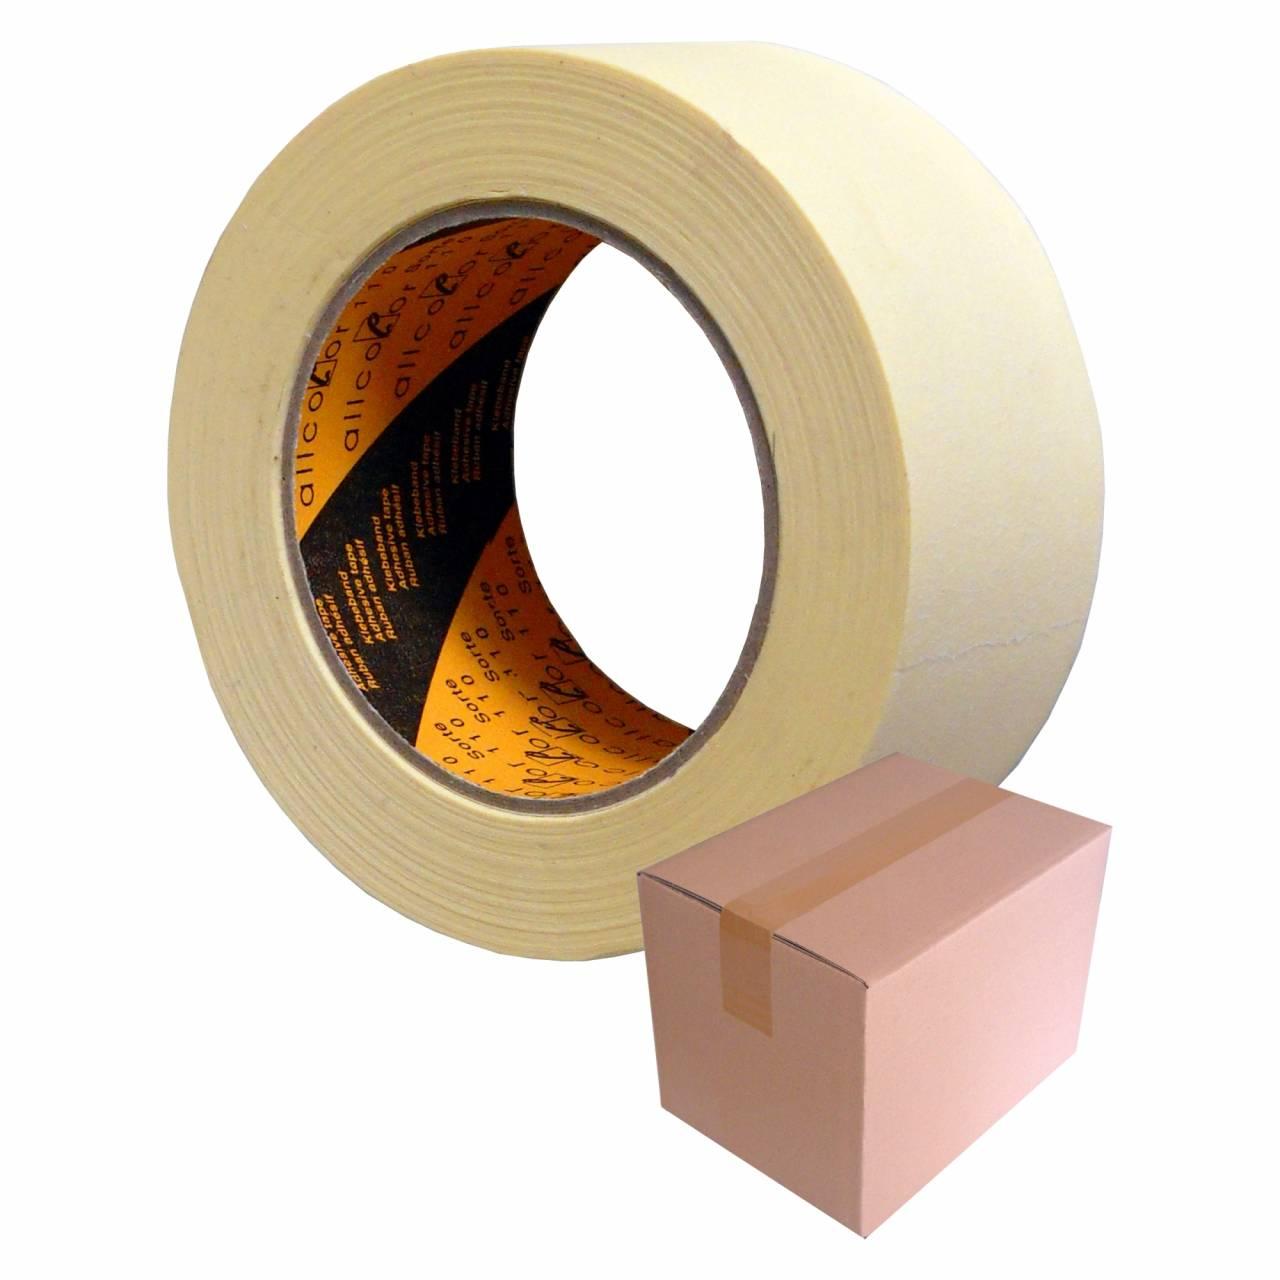 Feinkreppband T101, 25 mm x 50 m / Krt a 36 Rollen